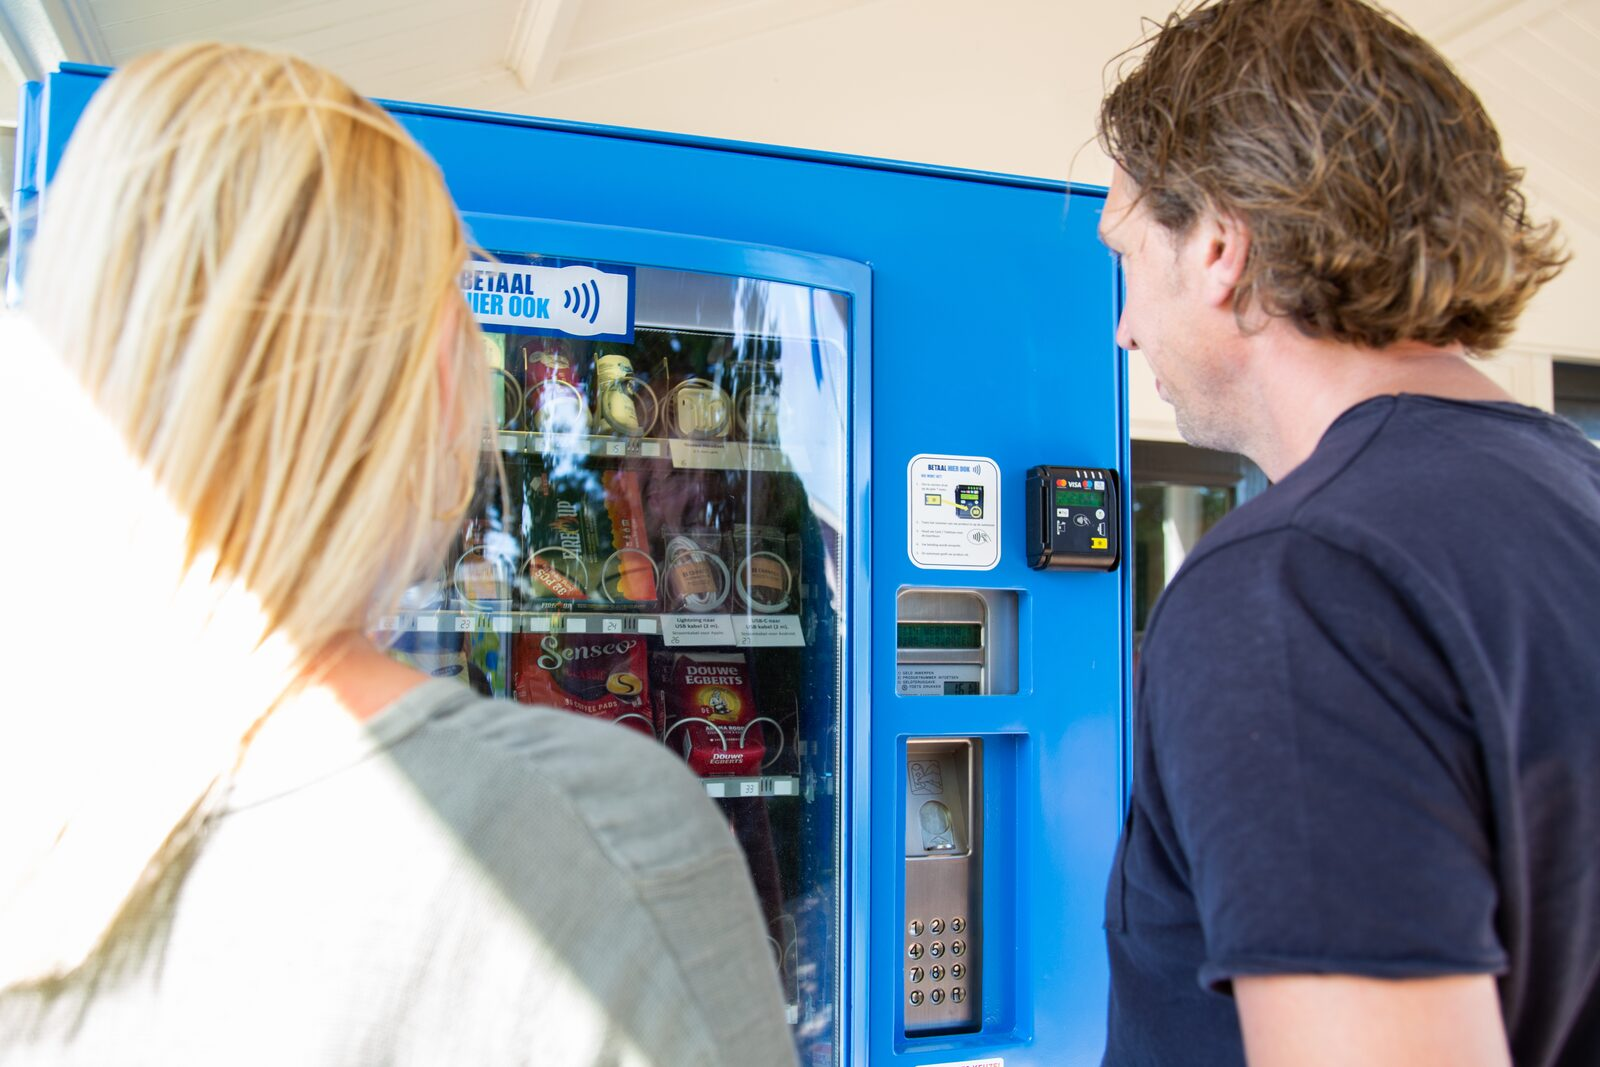 De snel vergeten belangrijke boodschappen nu verkrijgbaar in een 24-shop automaat